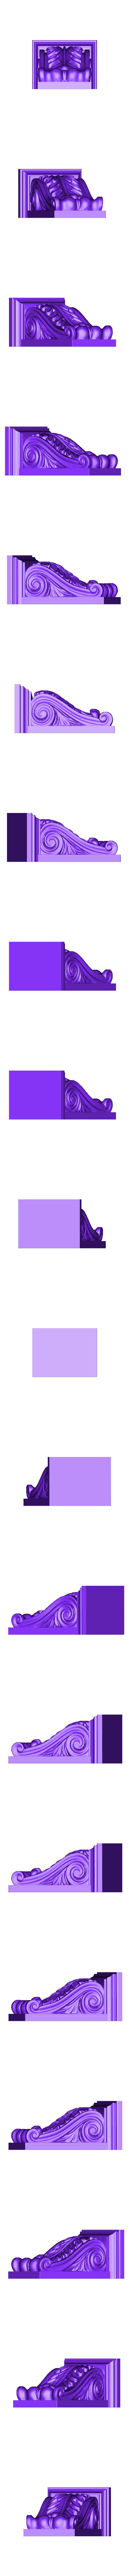 Architectural_8.stl Télécharger fichier OBJ gratuit Modèle 3D du corbeau architectural décoratif 8 • Plan pour impression 3D, DavidG7